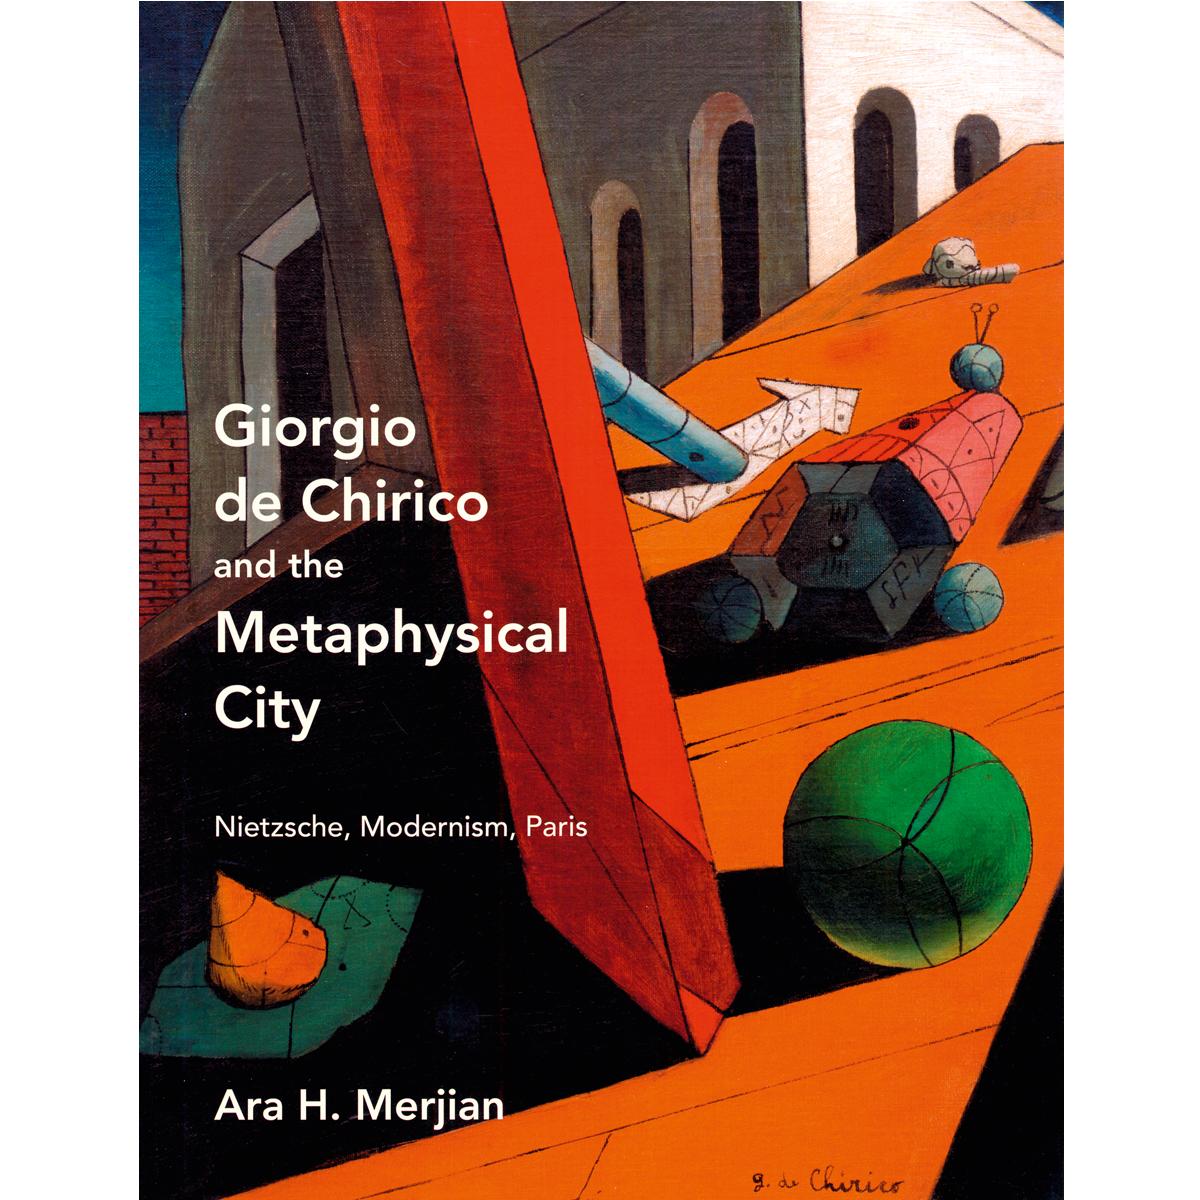 Giorgio de Chirico and the Metaphysical City